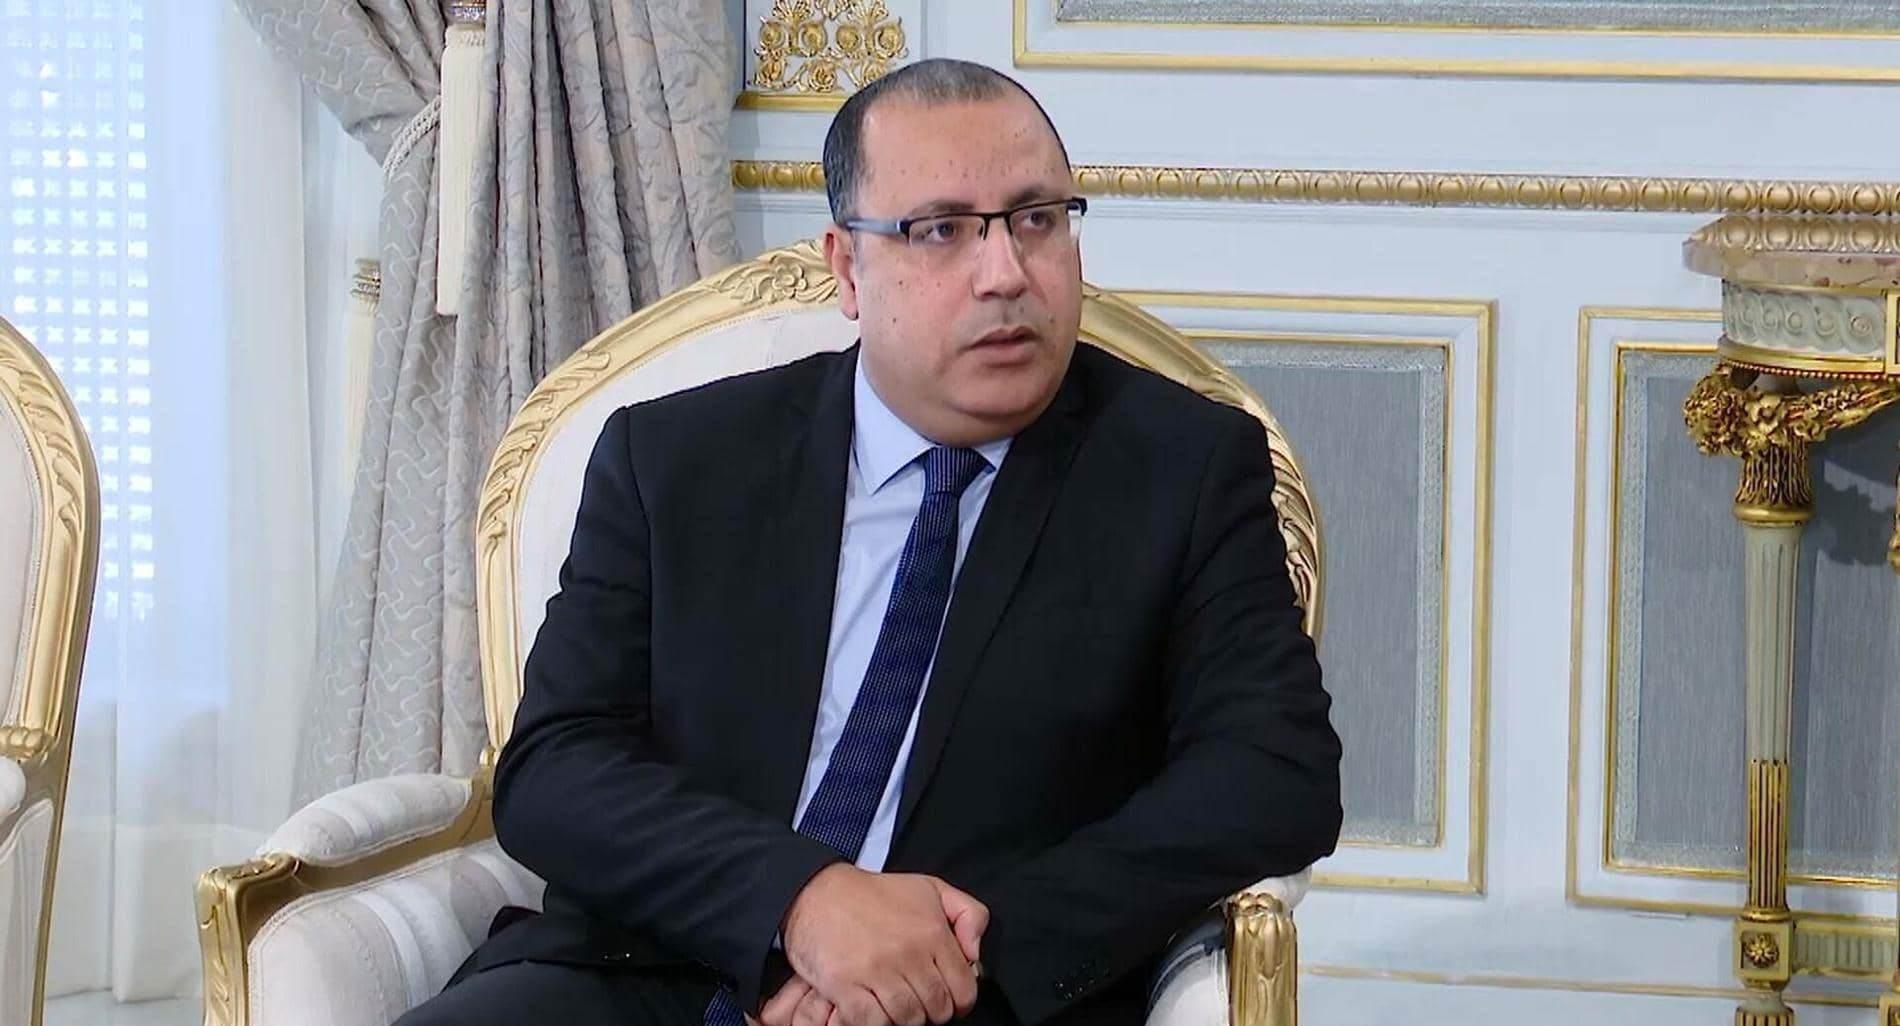 تونس: المشيشي يتجه لتشكيل حكومة مستقلين و